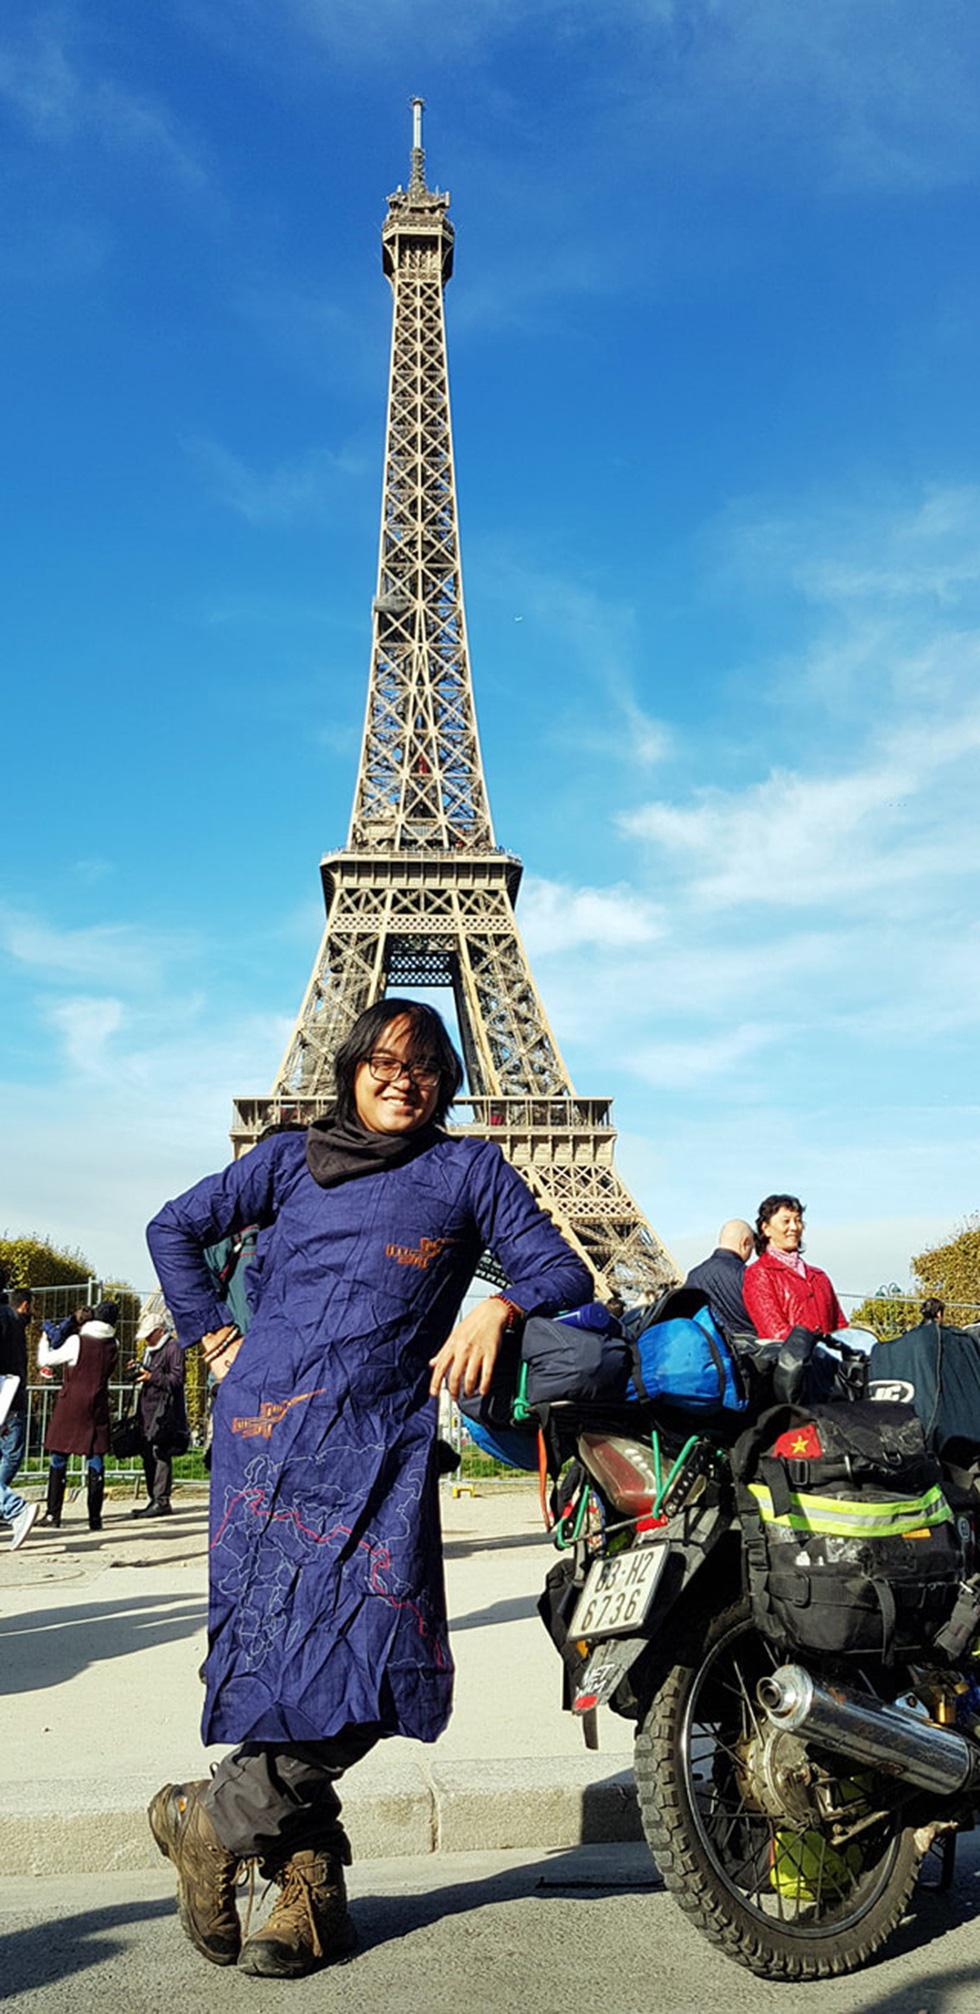 Chàng trai Việt đi xe máy vòng quanh thế giới: Học được muôn ngàn bài học ý nghĩa - Ảnh 4.